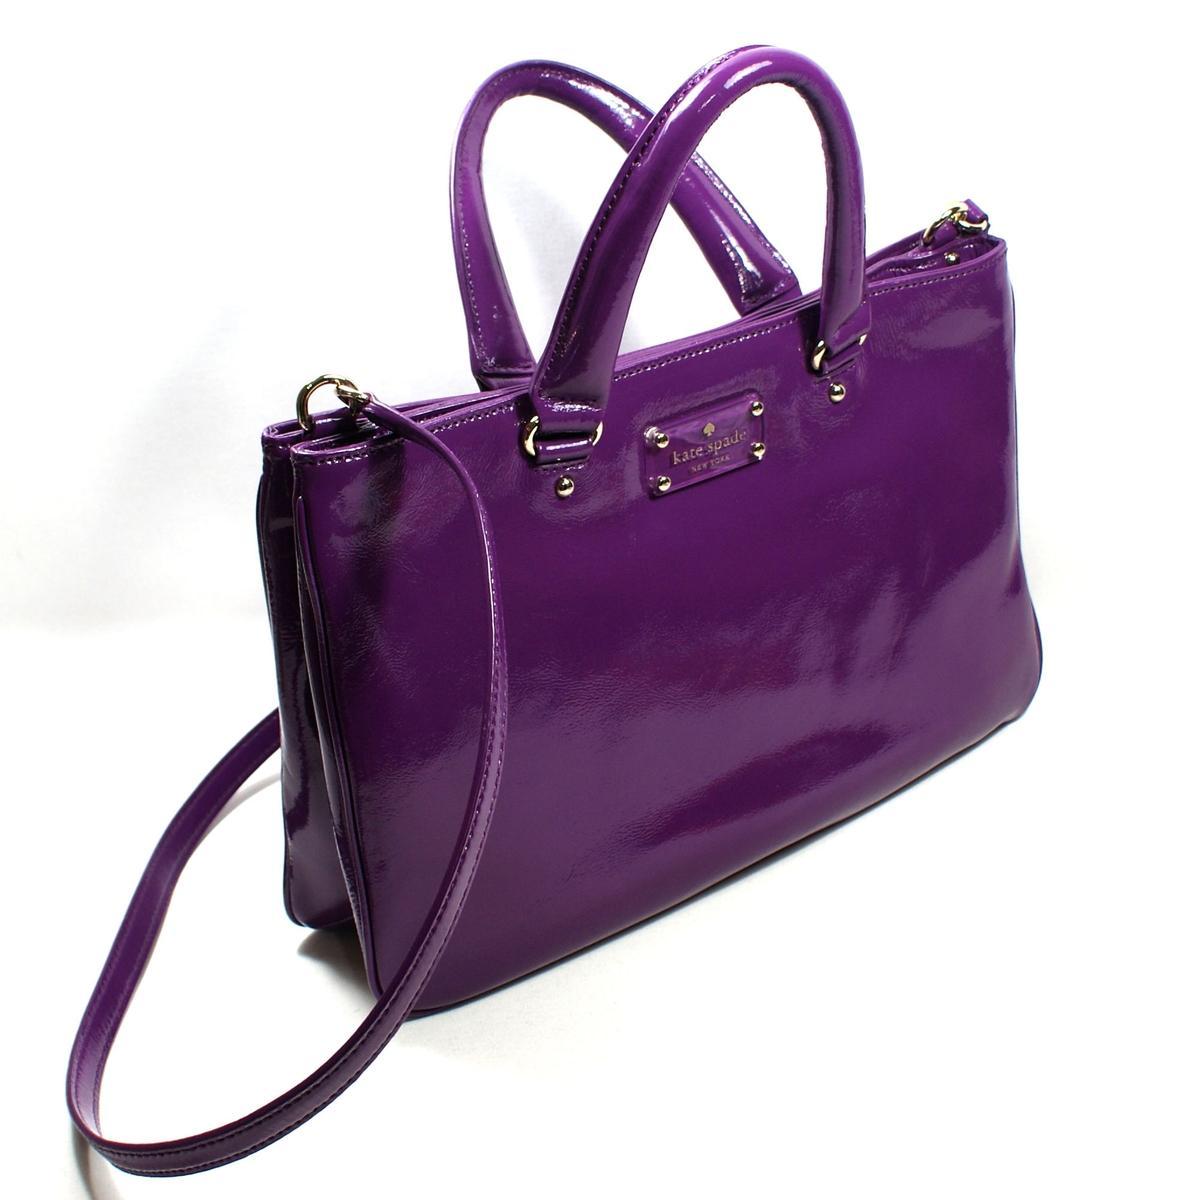 Kate Spade Brette Fanfare Scarlet Satchel Crossbody Bag